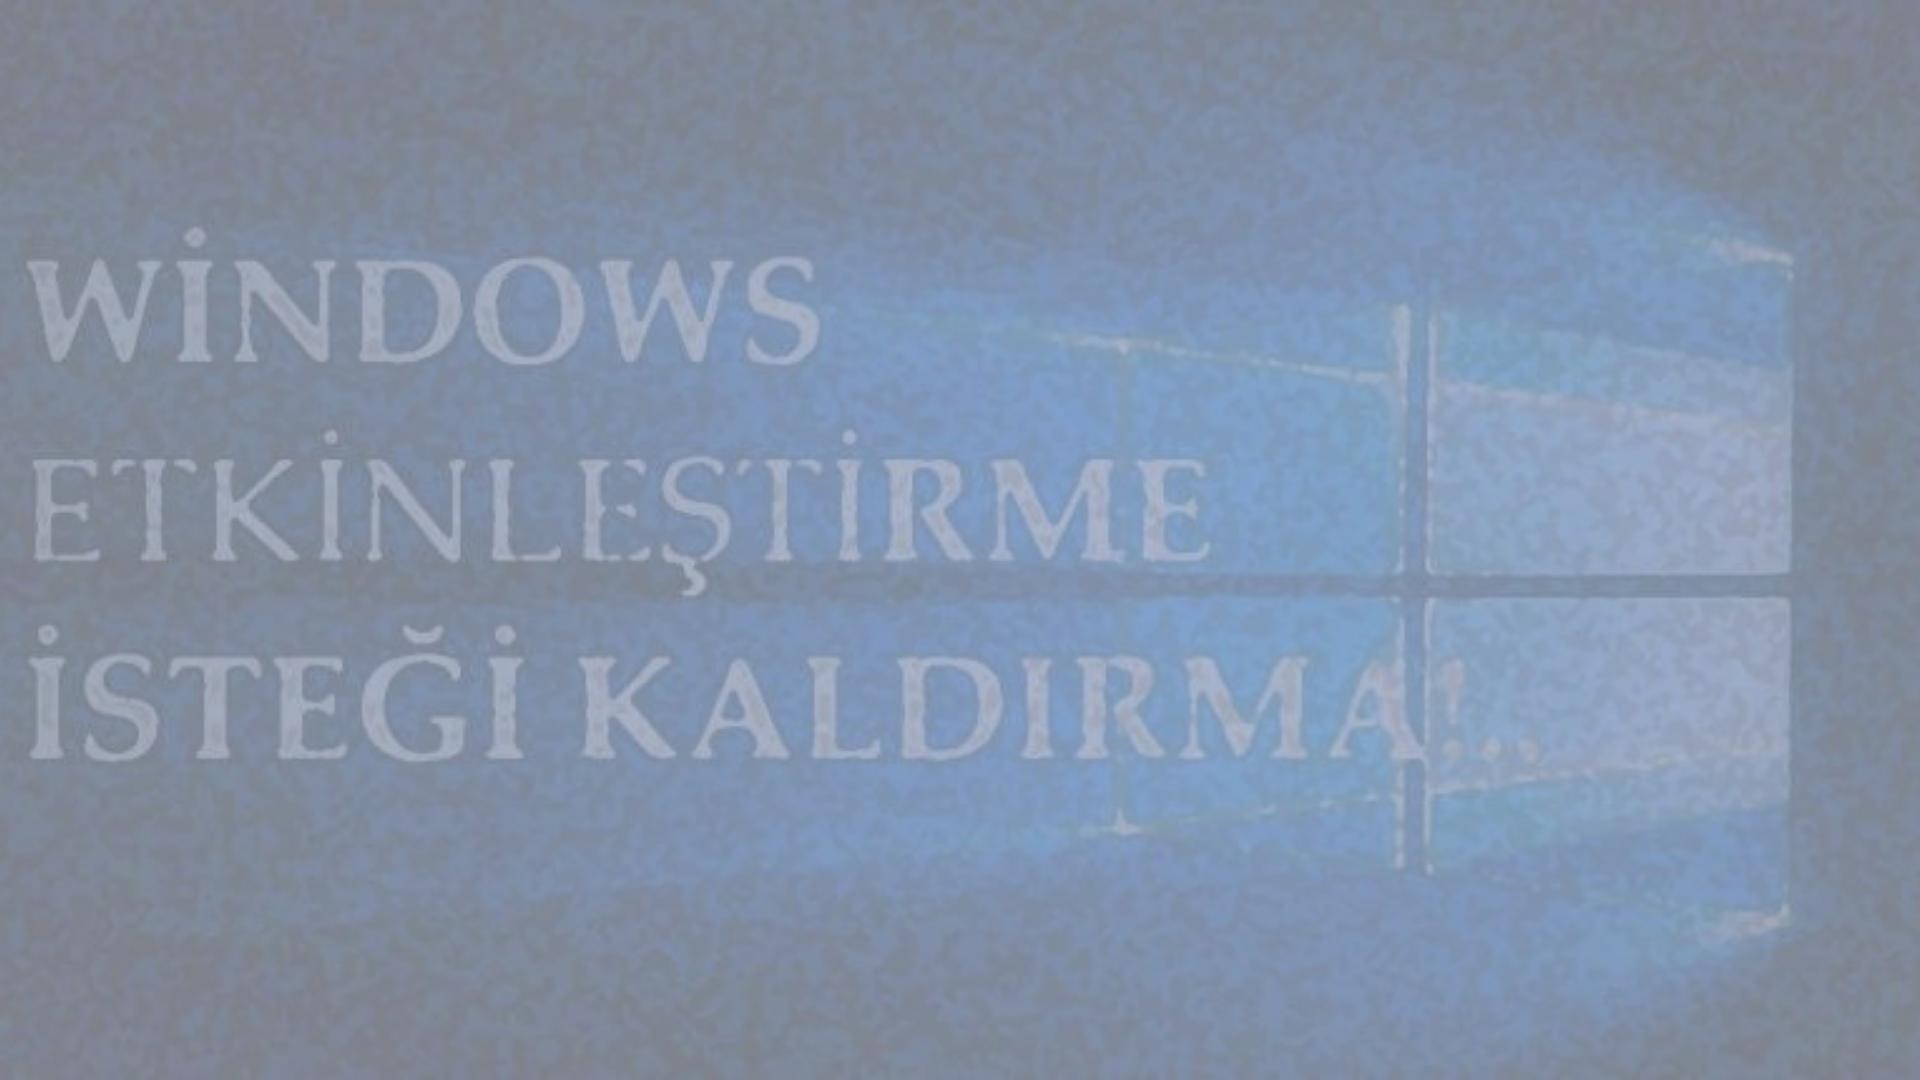 Windows Etkinleştirme İsteği Kaldırma